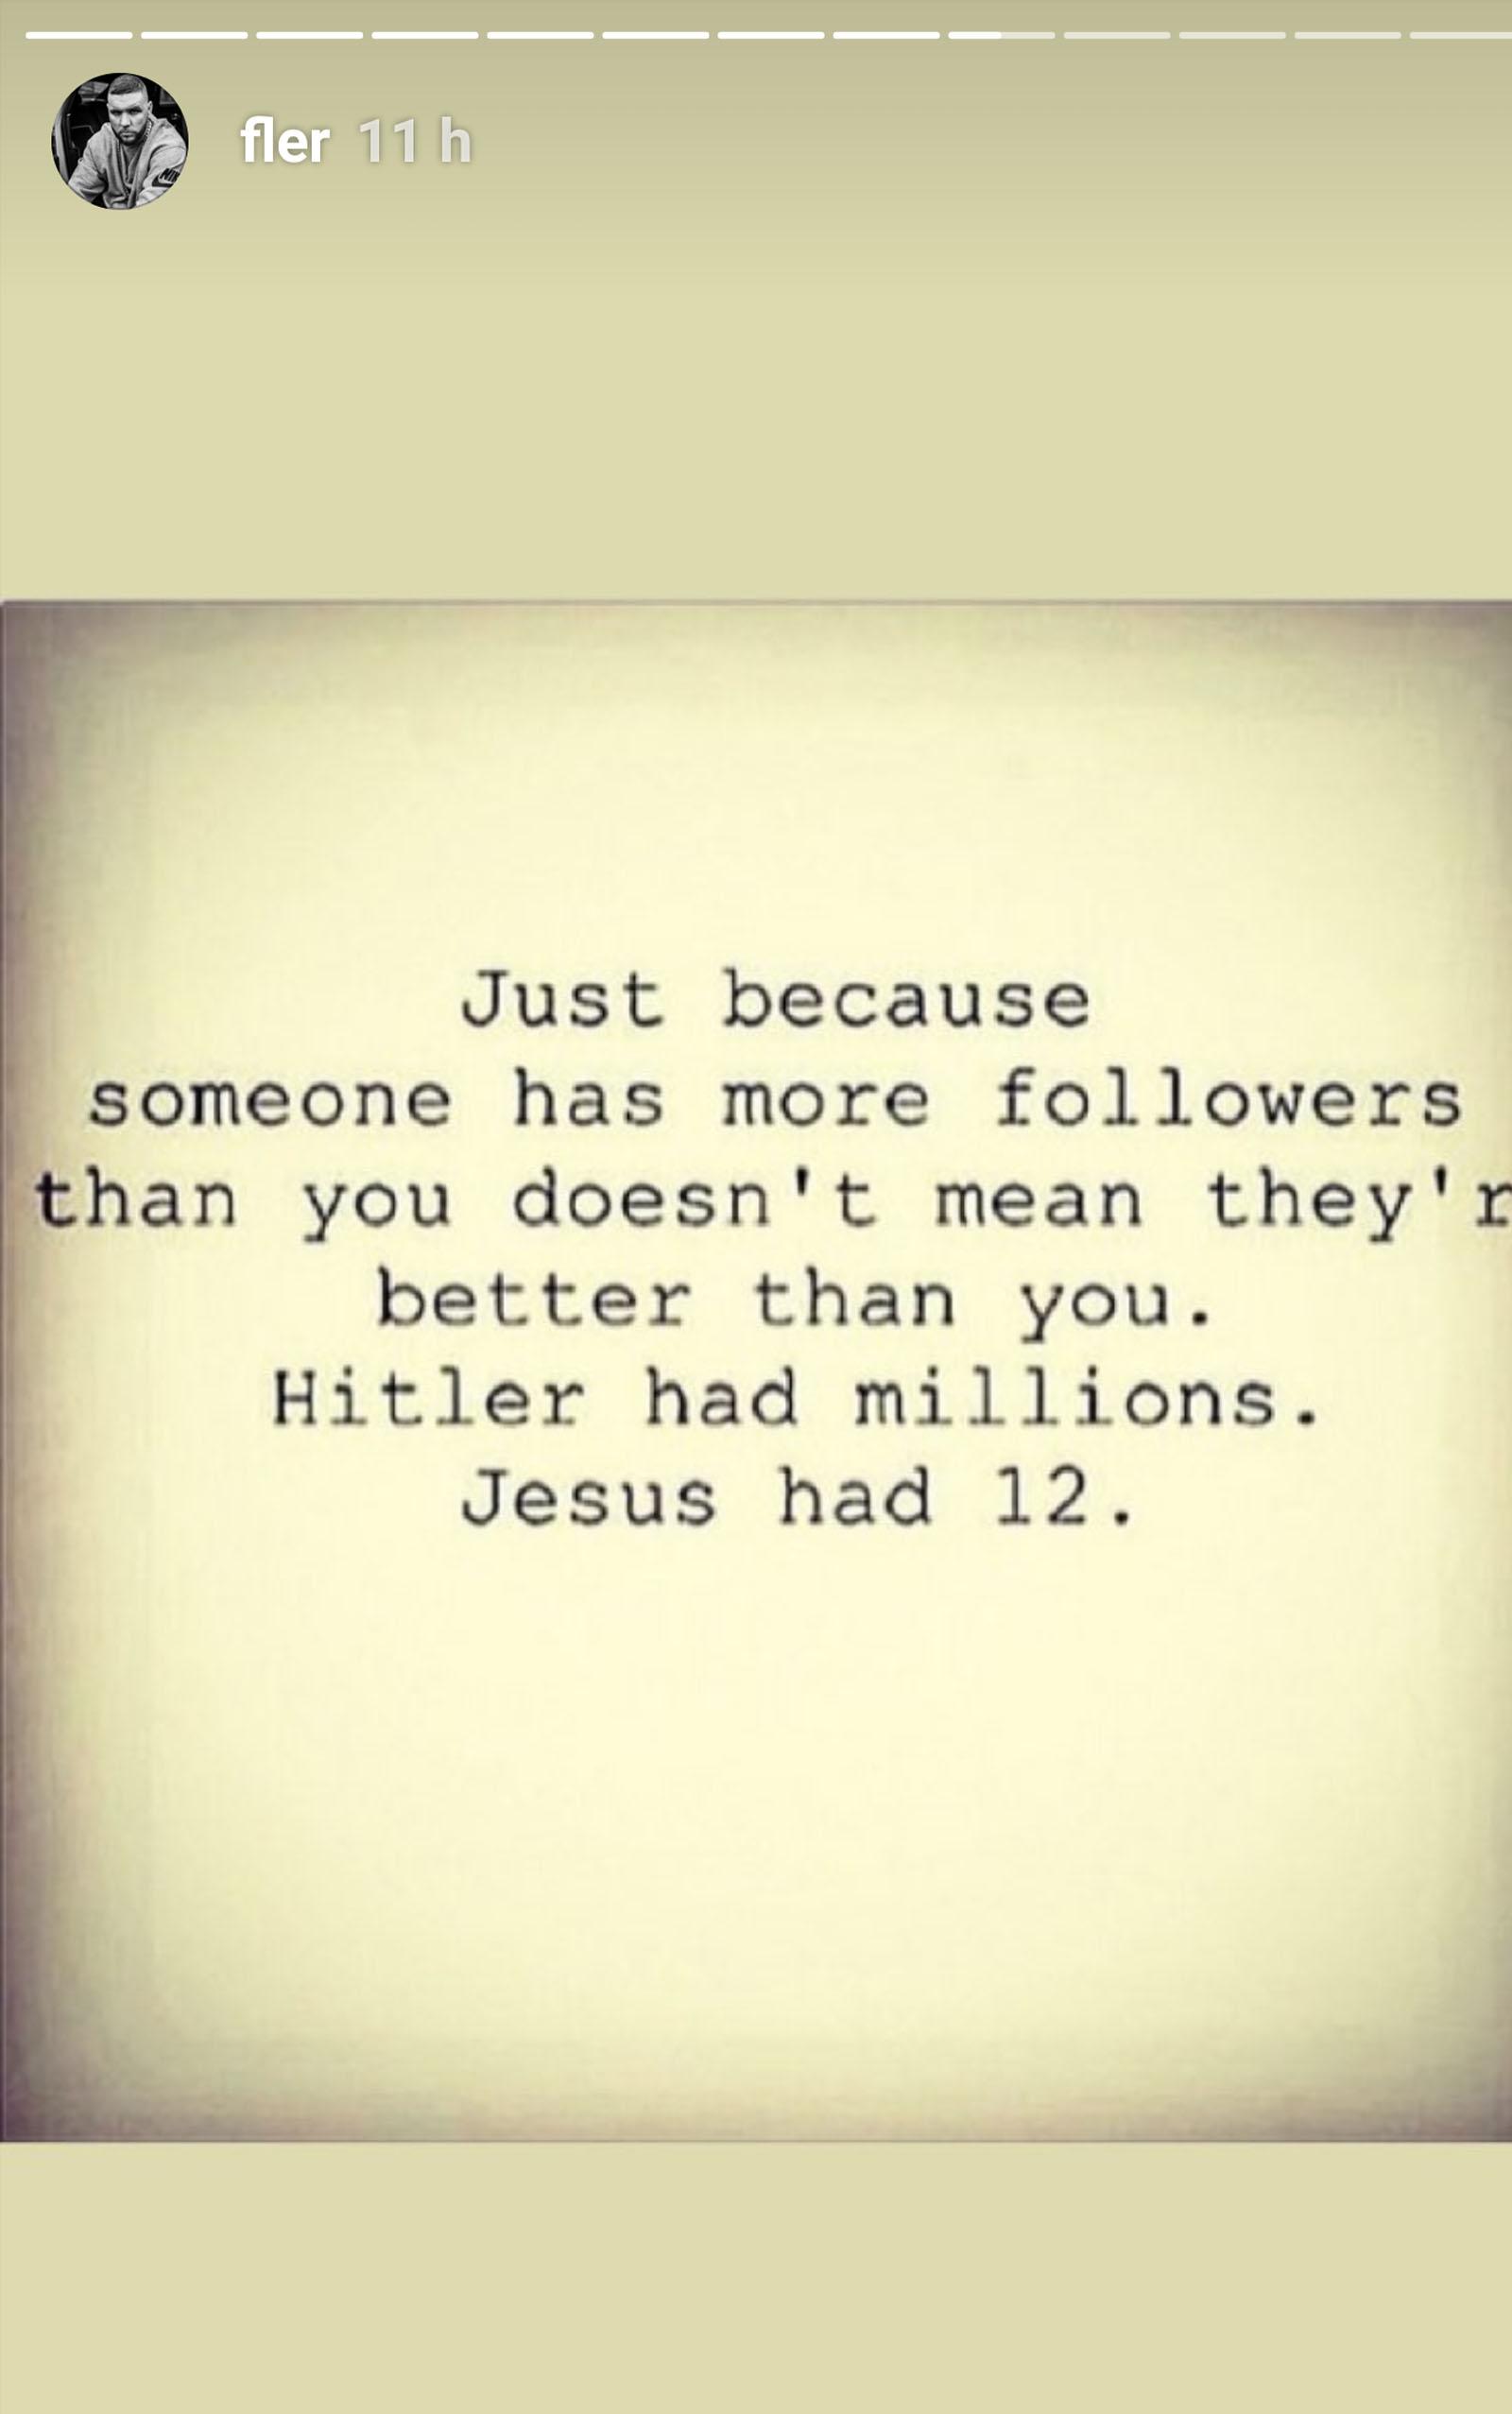 Fler scheint die Anzahl seiner Follower egal zu sein